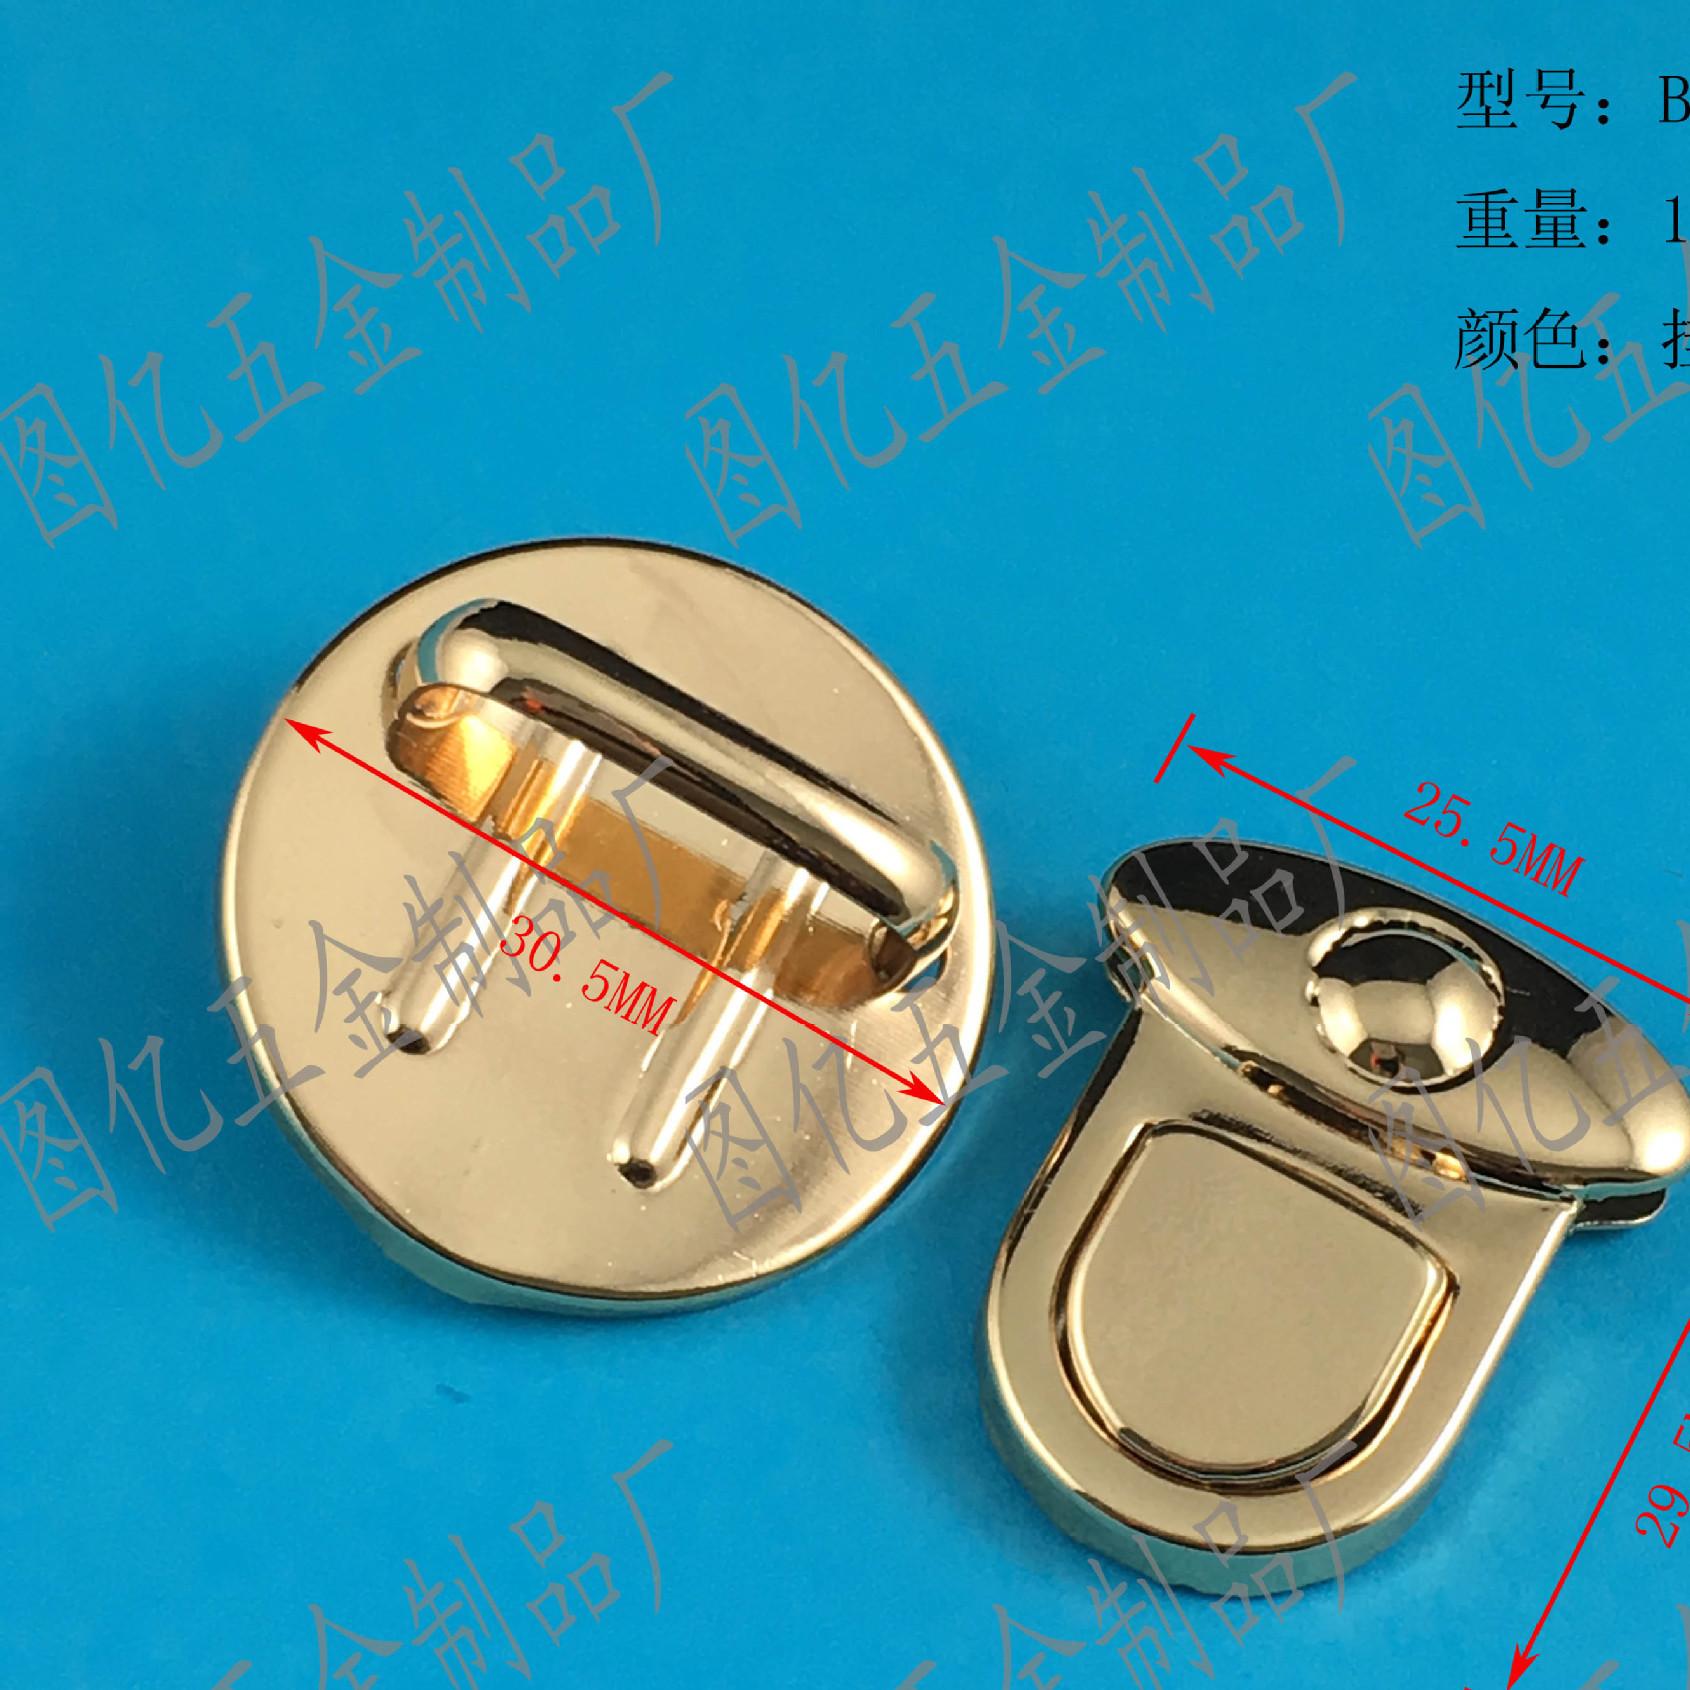 促销耐锈挂浅金B002手袋插锁女装包锁手机包铁皮锁箱包配件